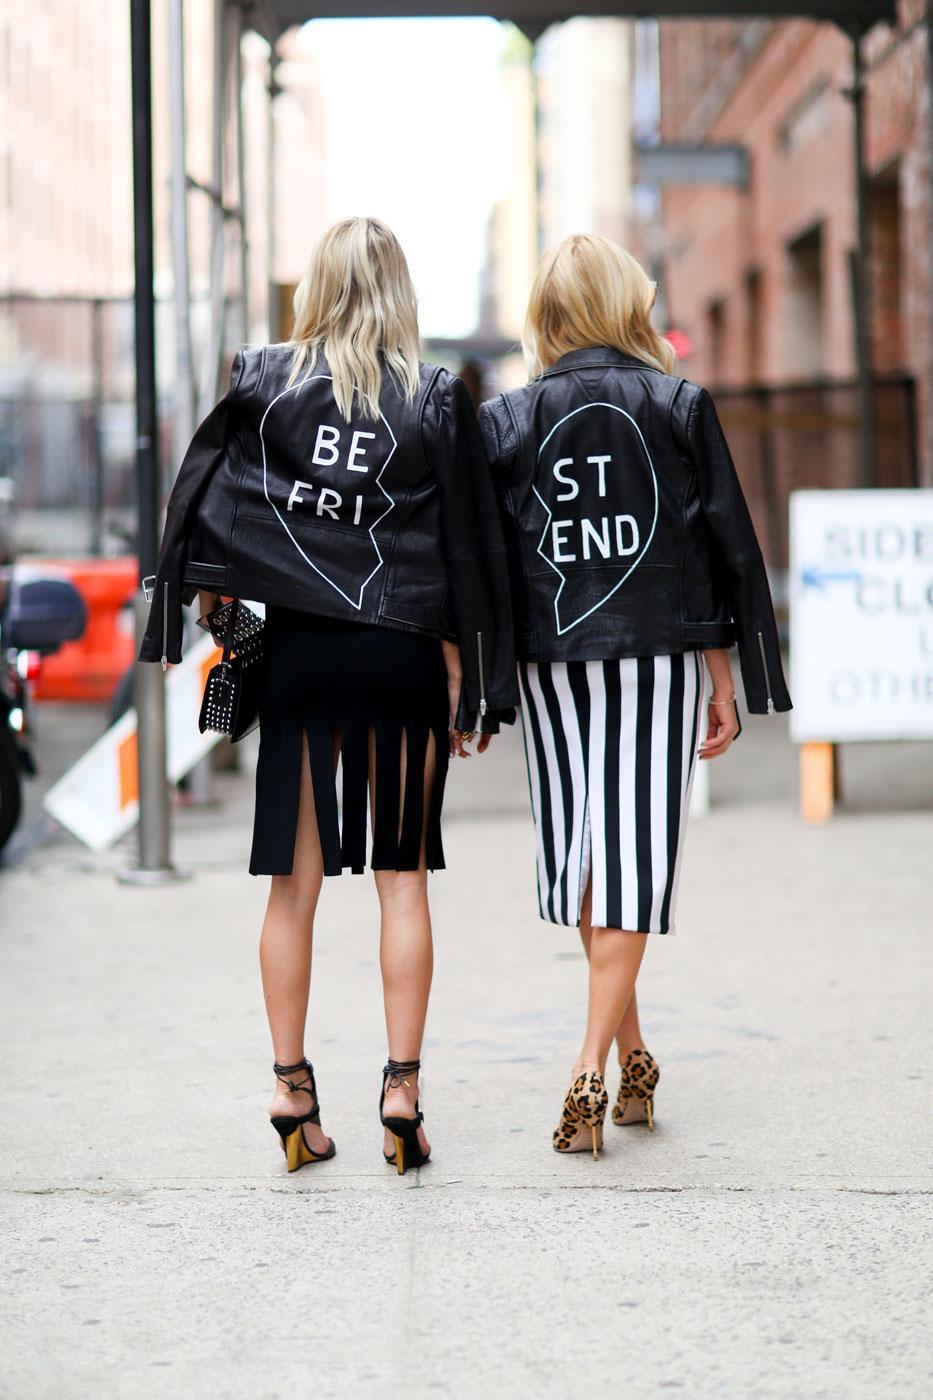 signes que vous sortez avec votre meilleur ami